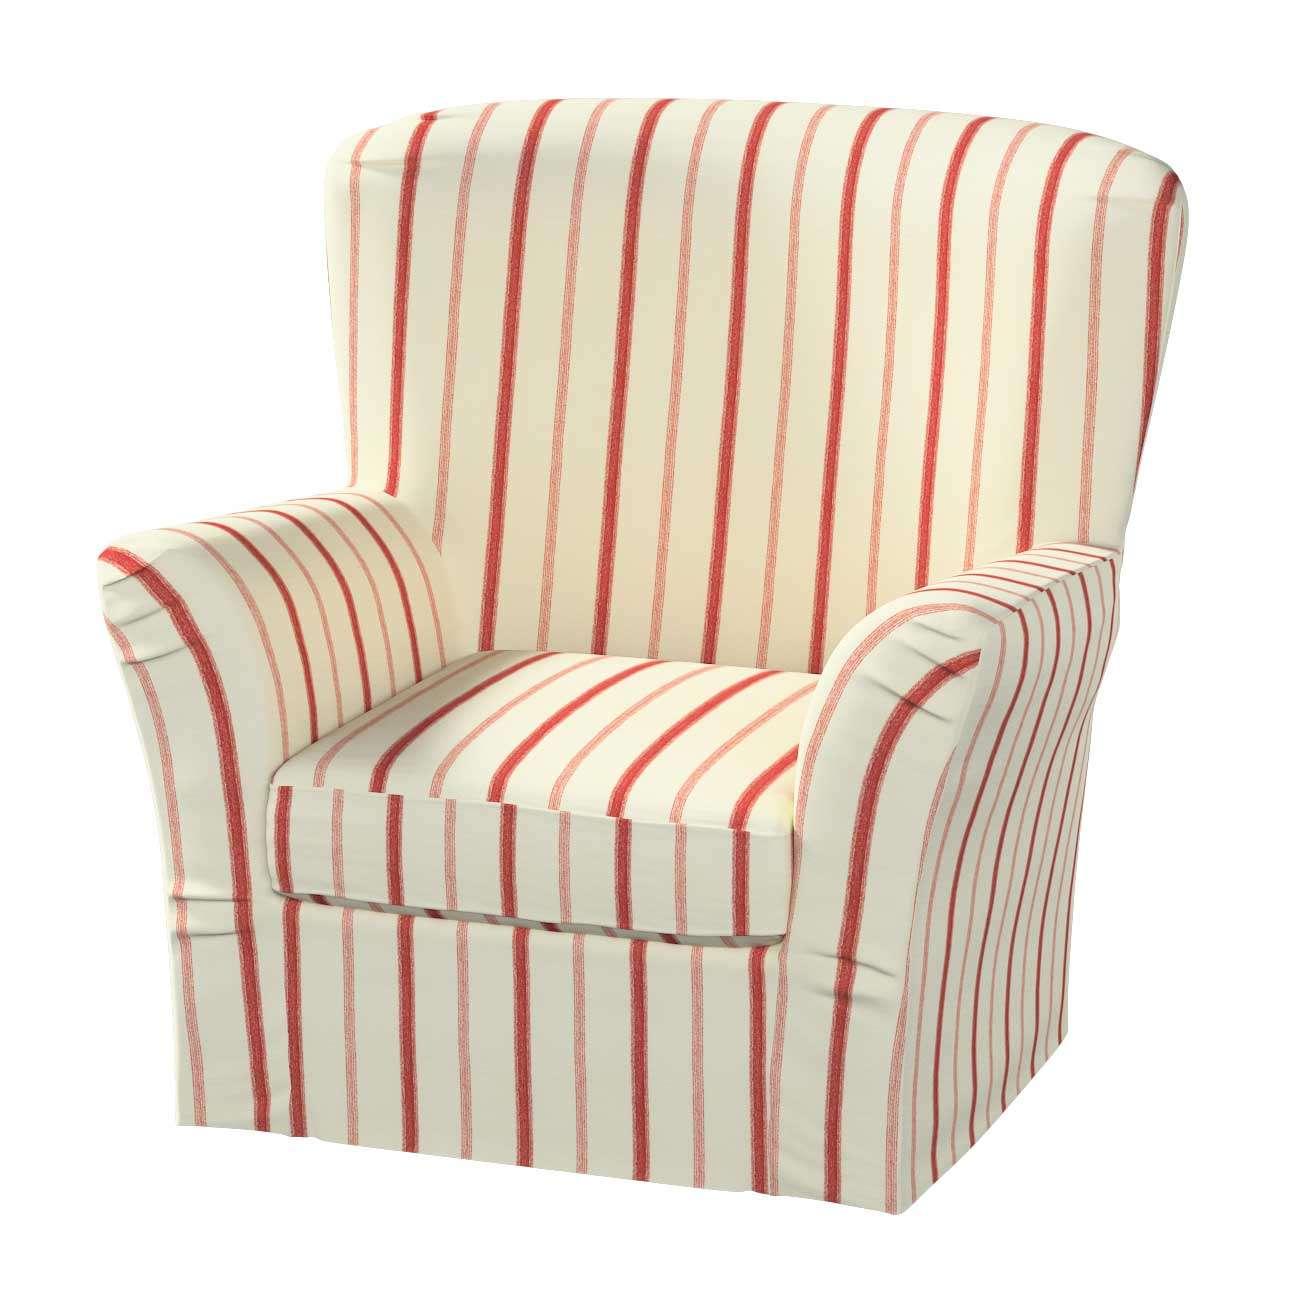 Pokrowiec na fotel Tomelilla z zakładkami fotel Tomelilla w kolekcji Avinon, tkanina: 129-15